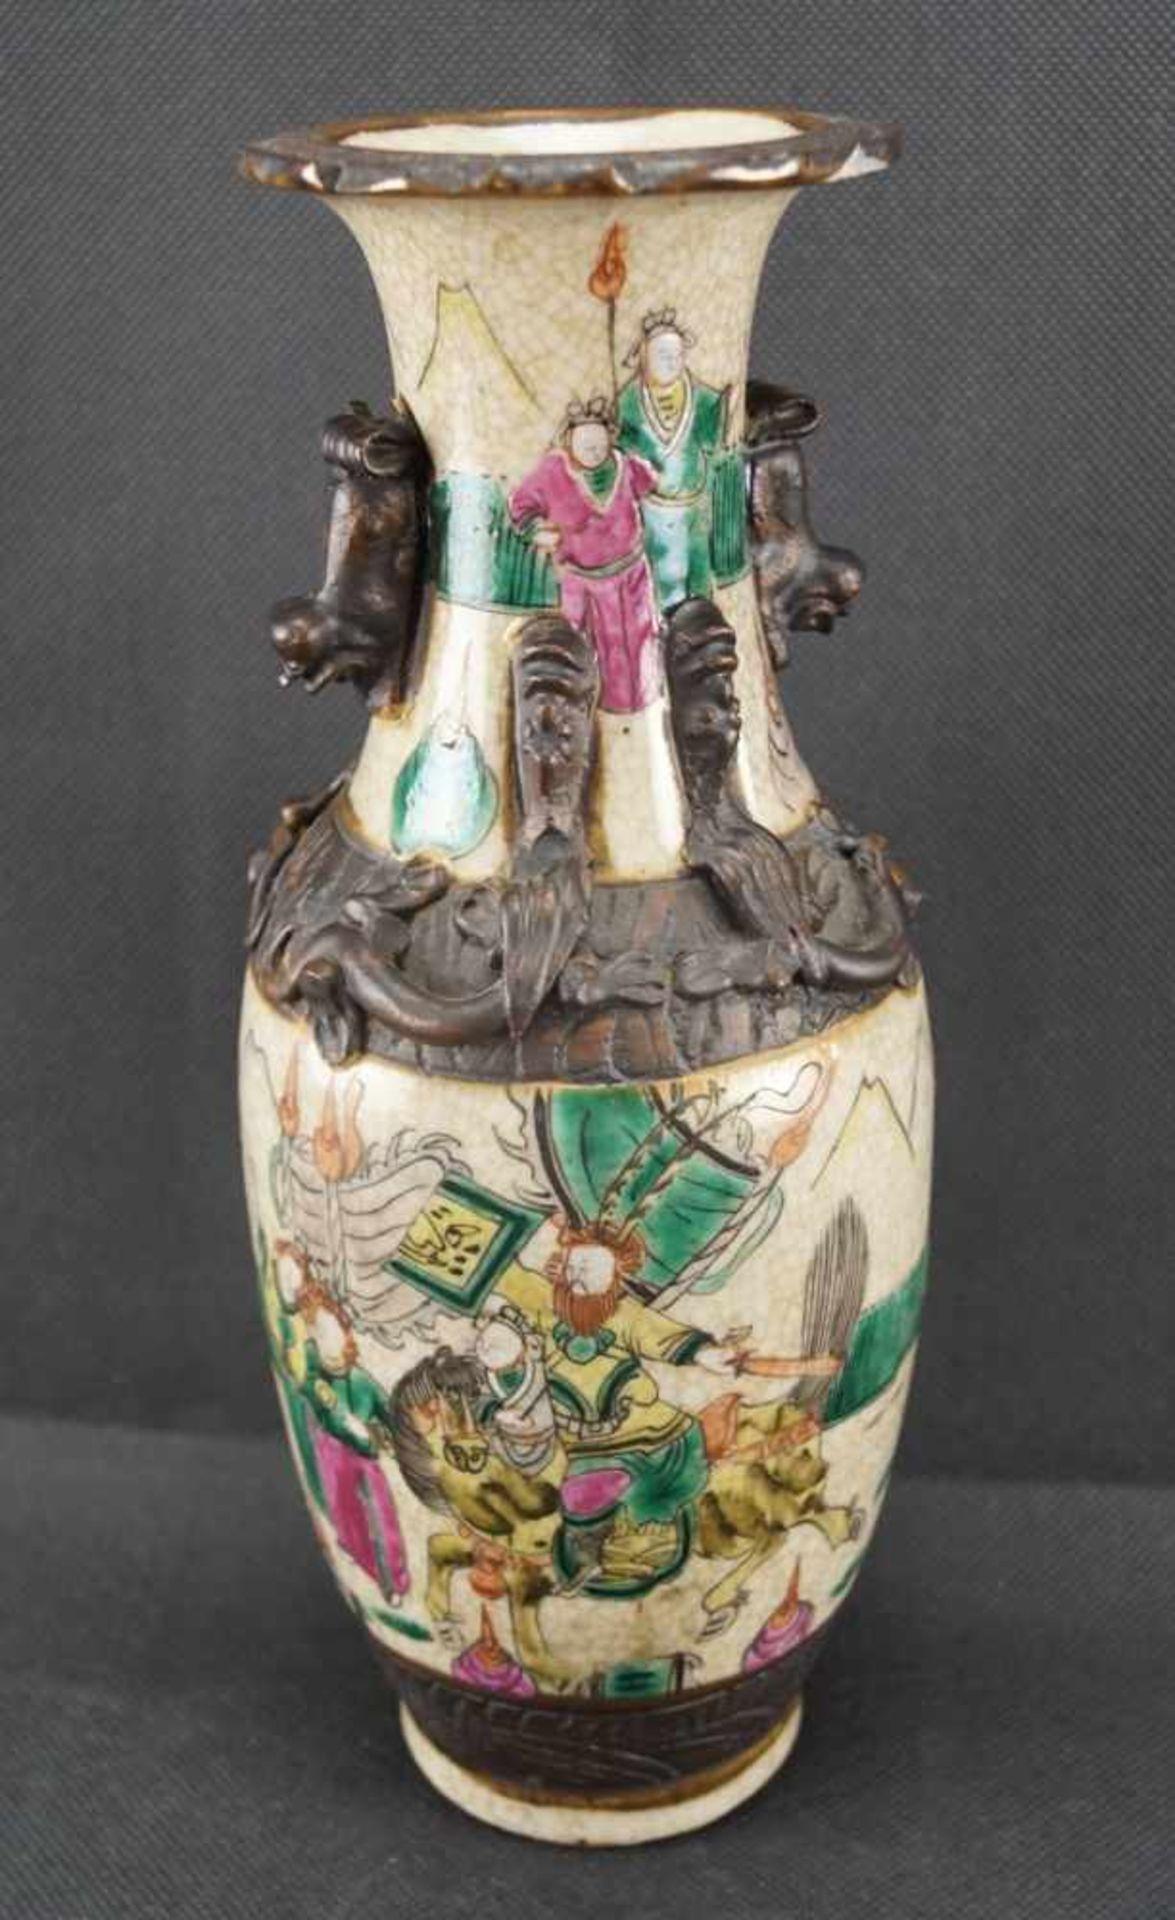 Kleine Vase beiger Scherben, mit craquelierter, cremefarbener Glasur, verziert mit einer umlaufenden